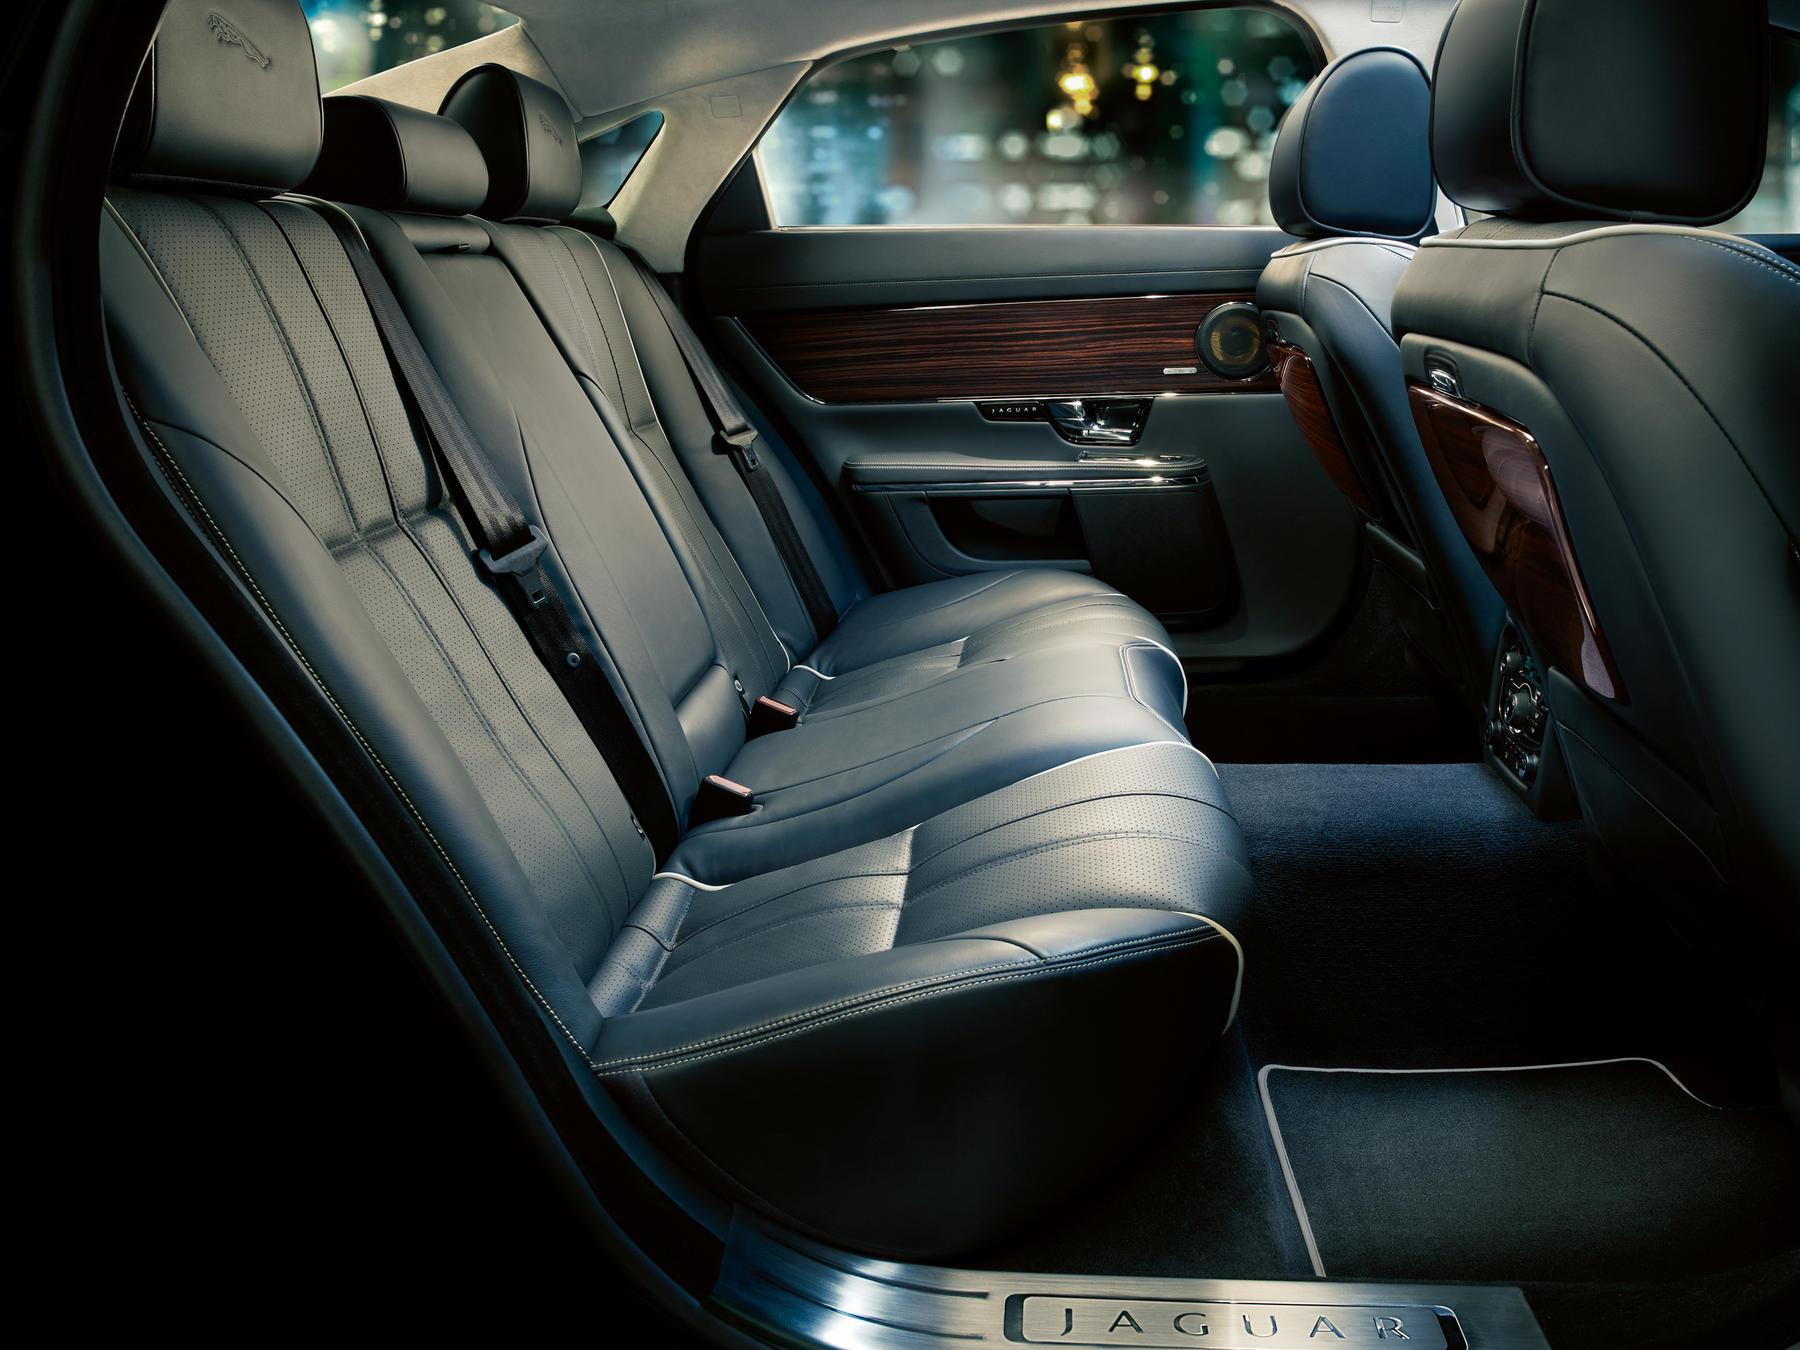 Jaguar XJ X350  Wikipedia